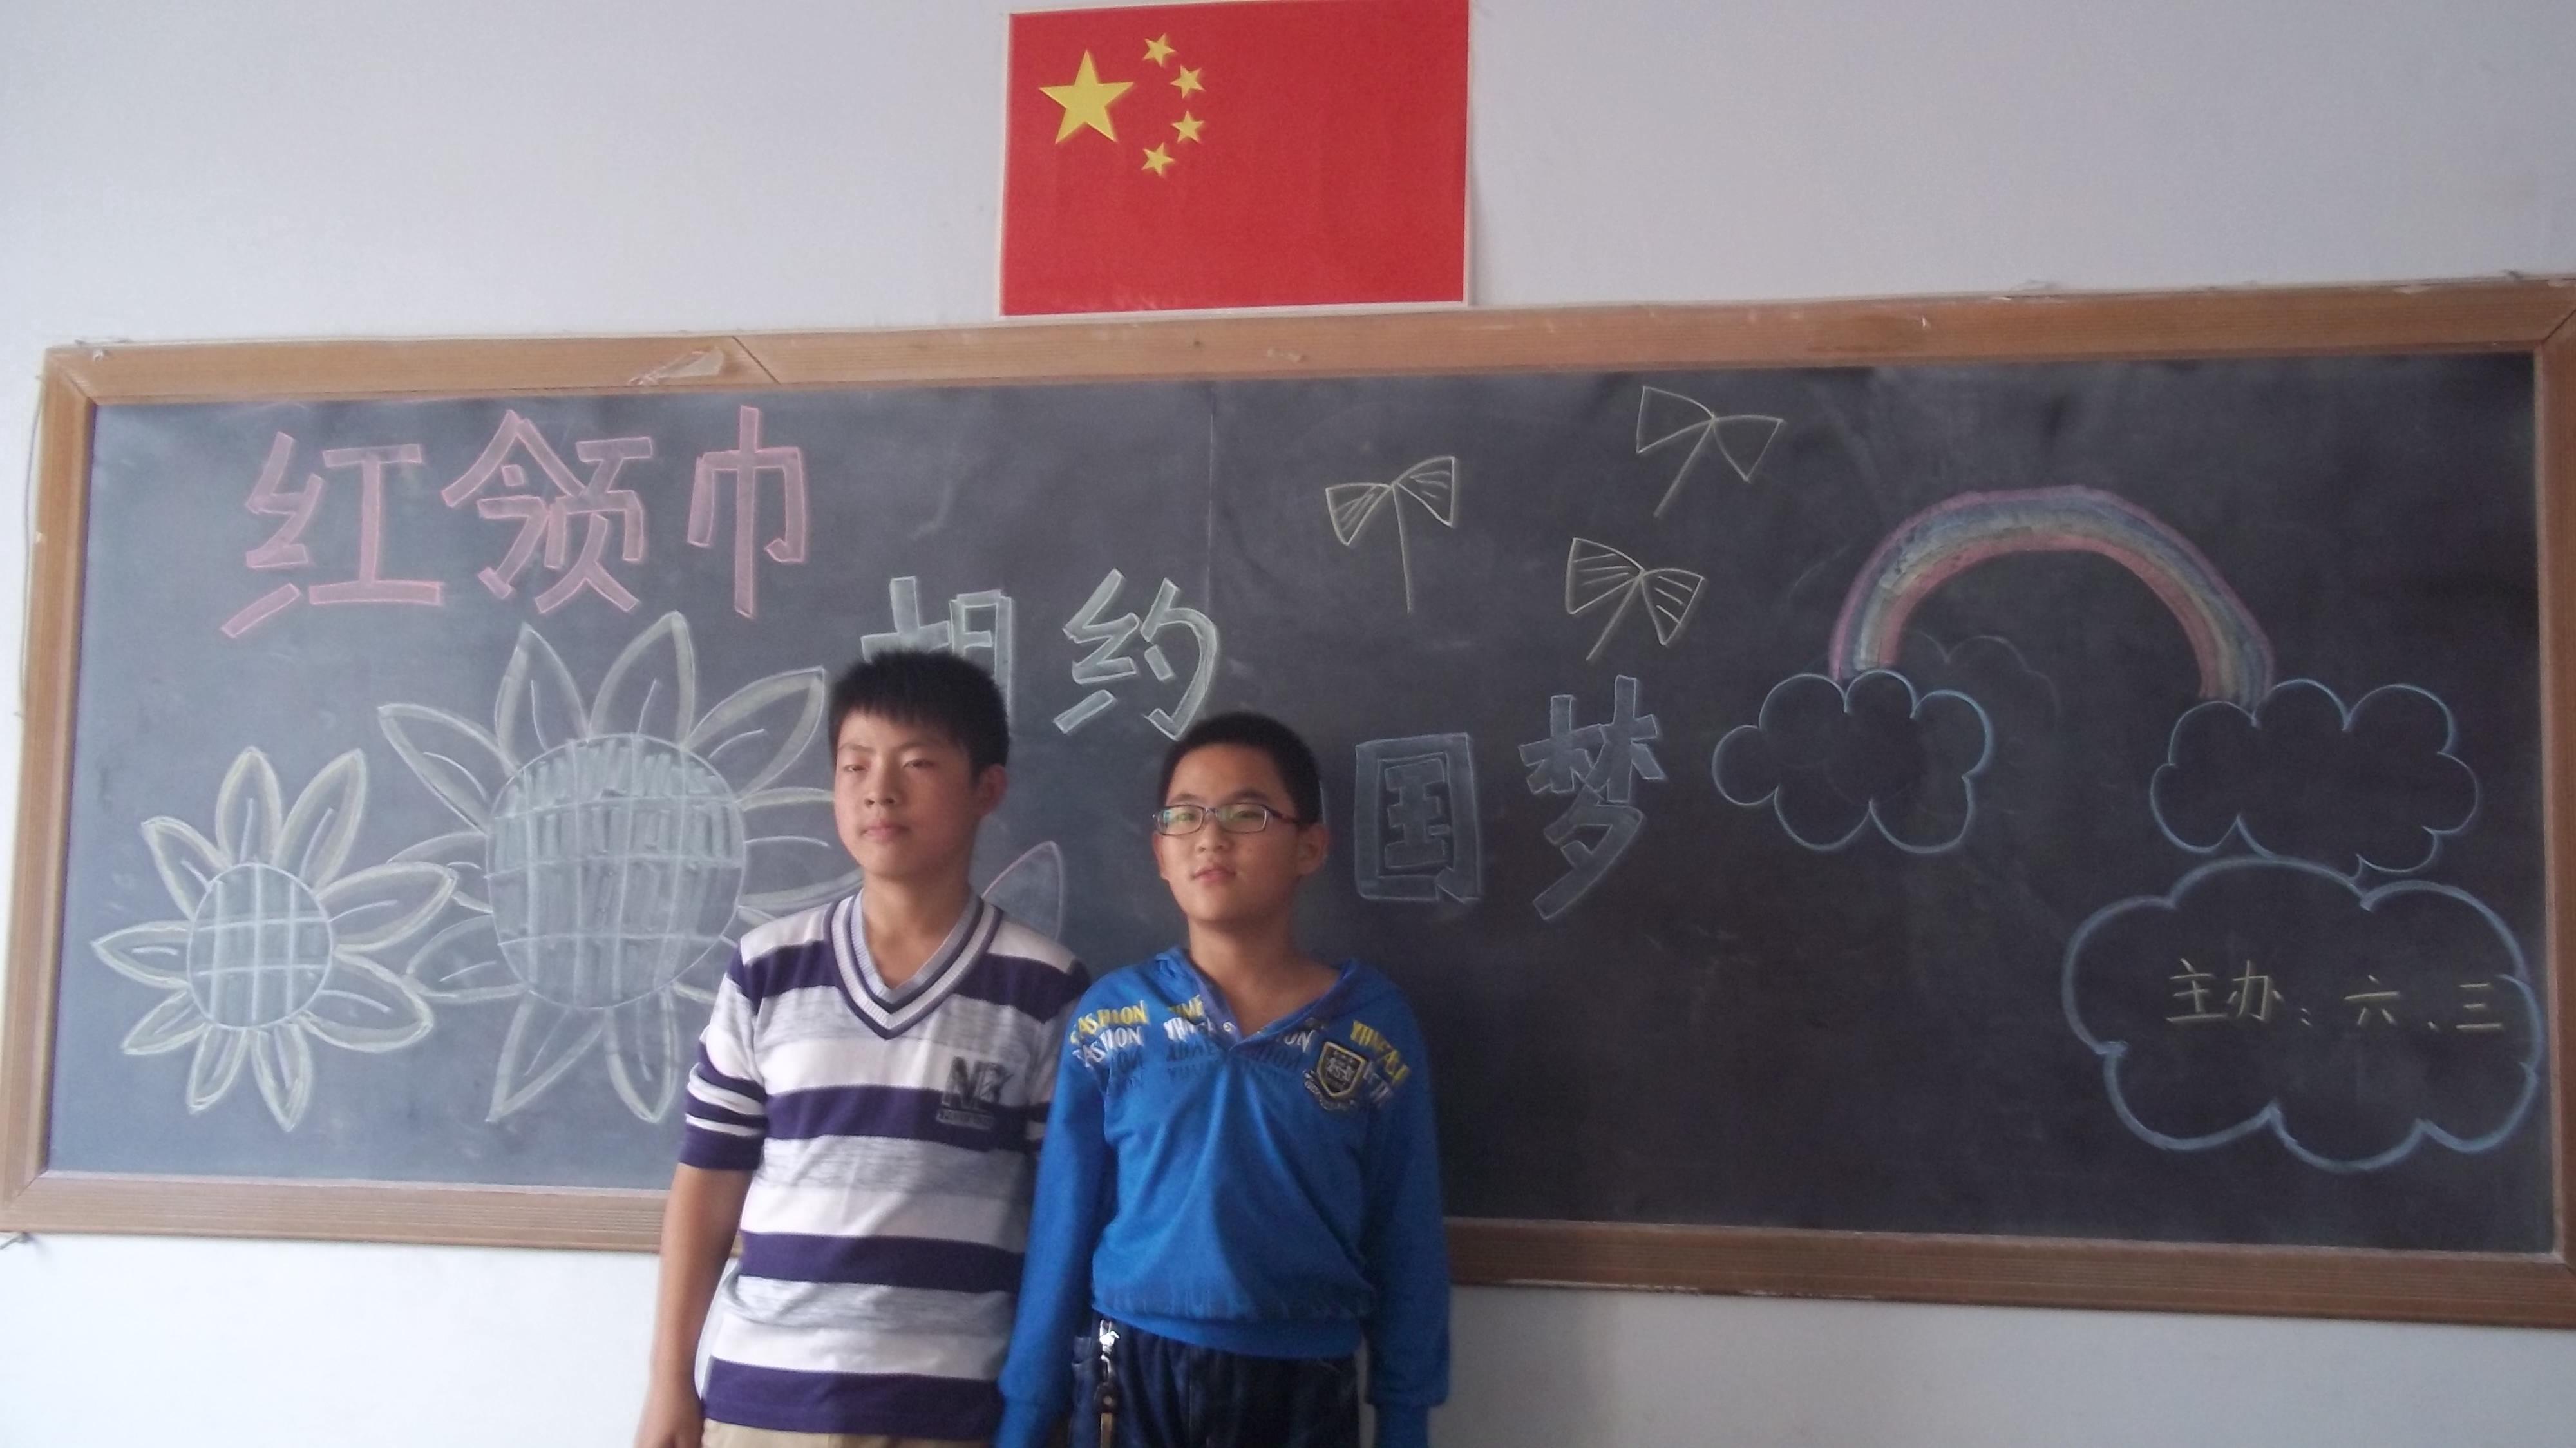 红领巾相约中国梦 - 建队纪念日主题队日活动展